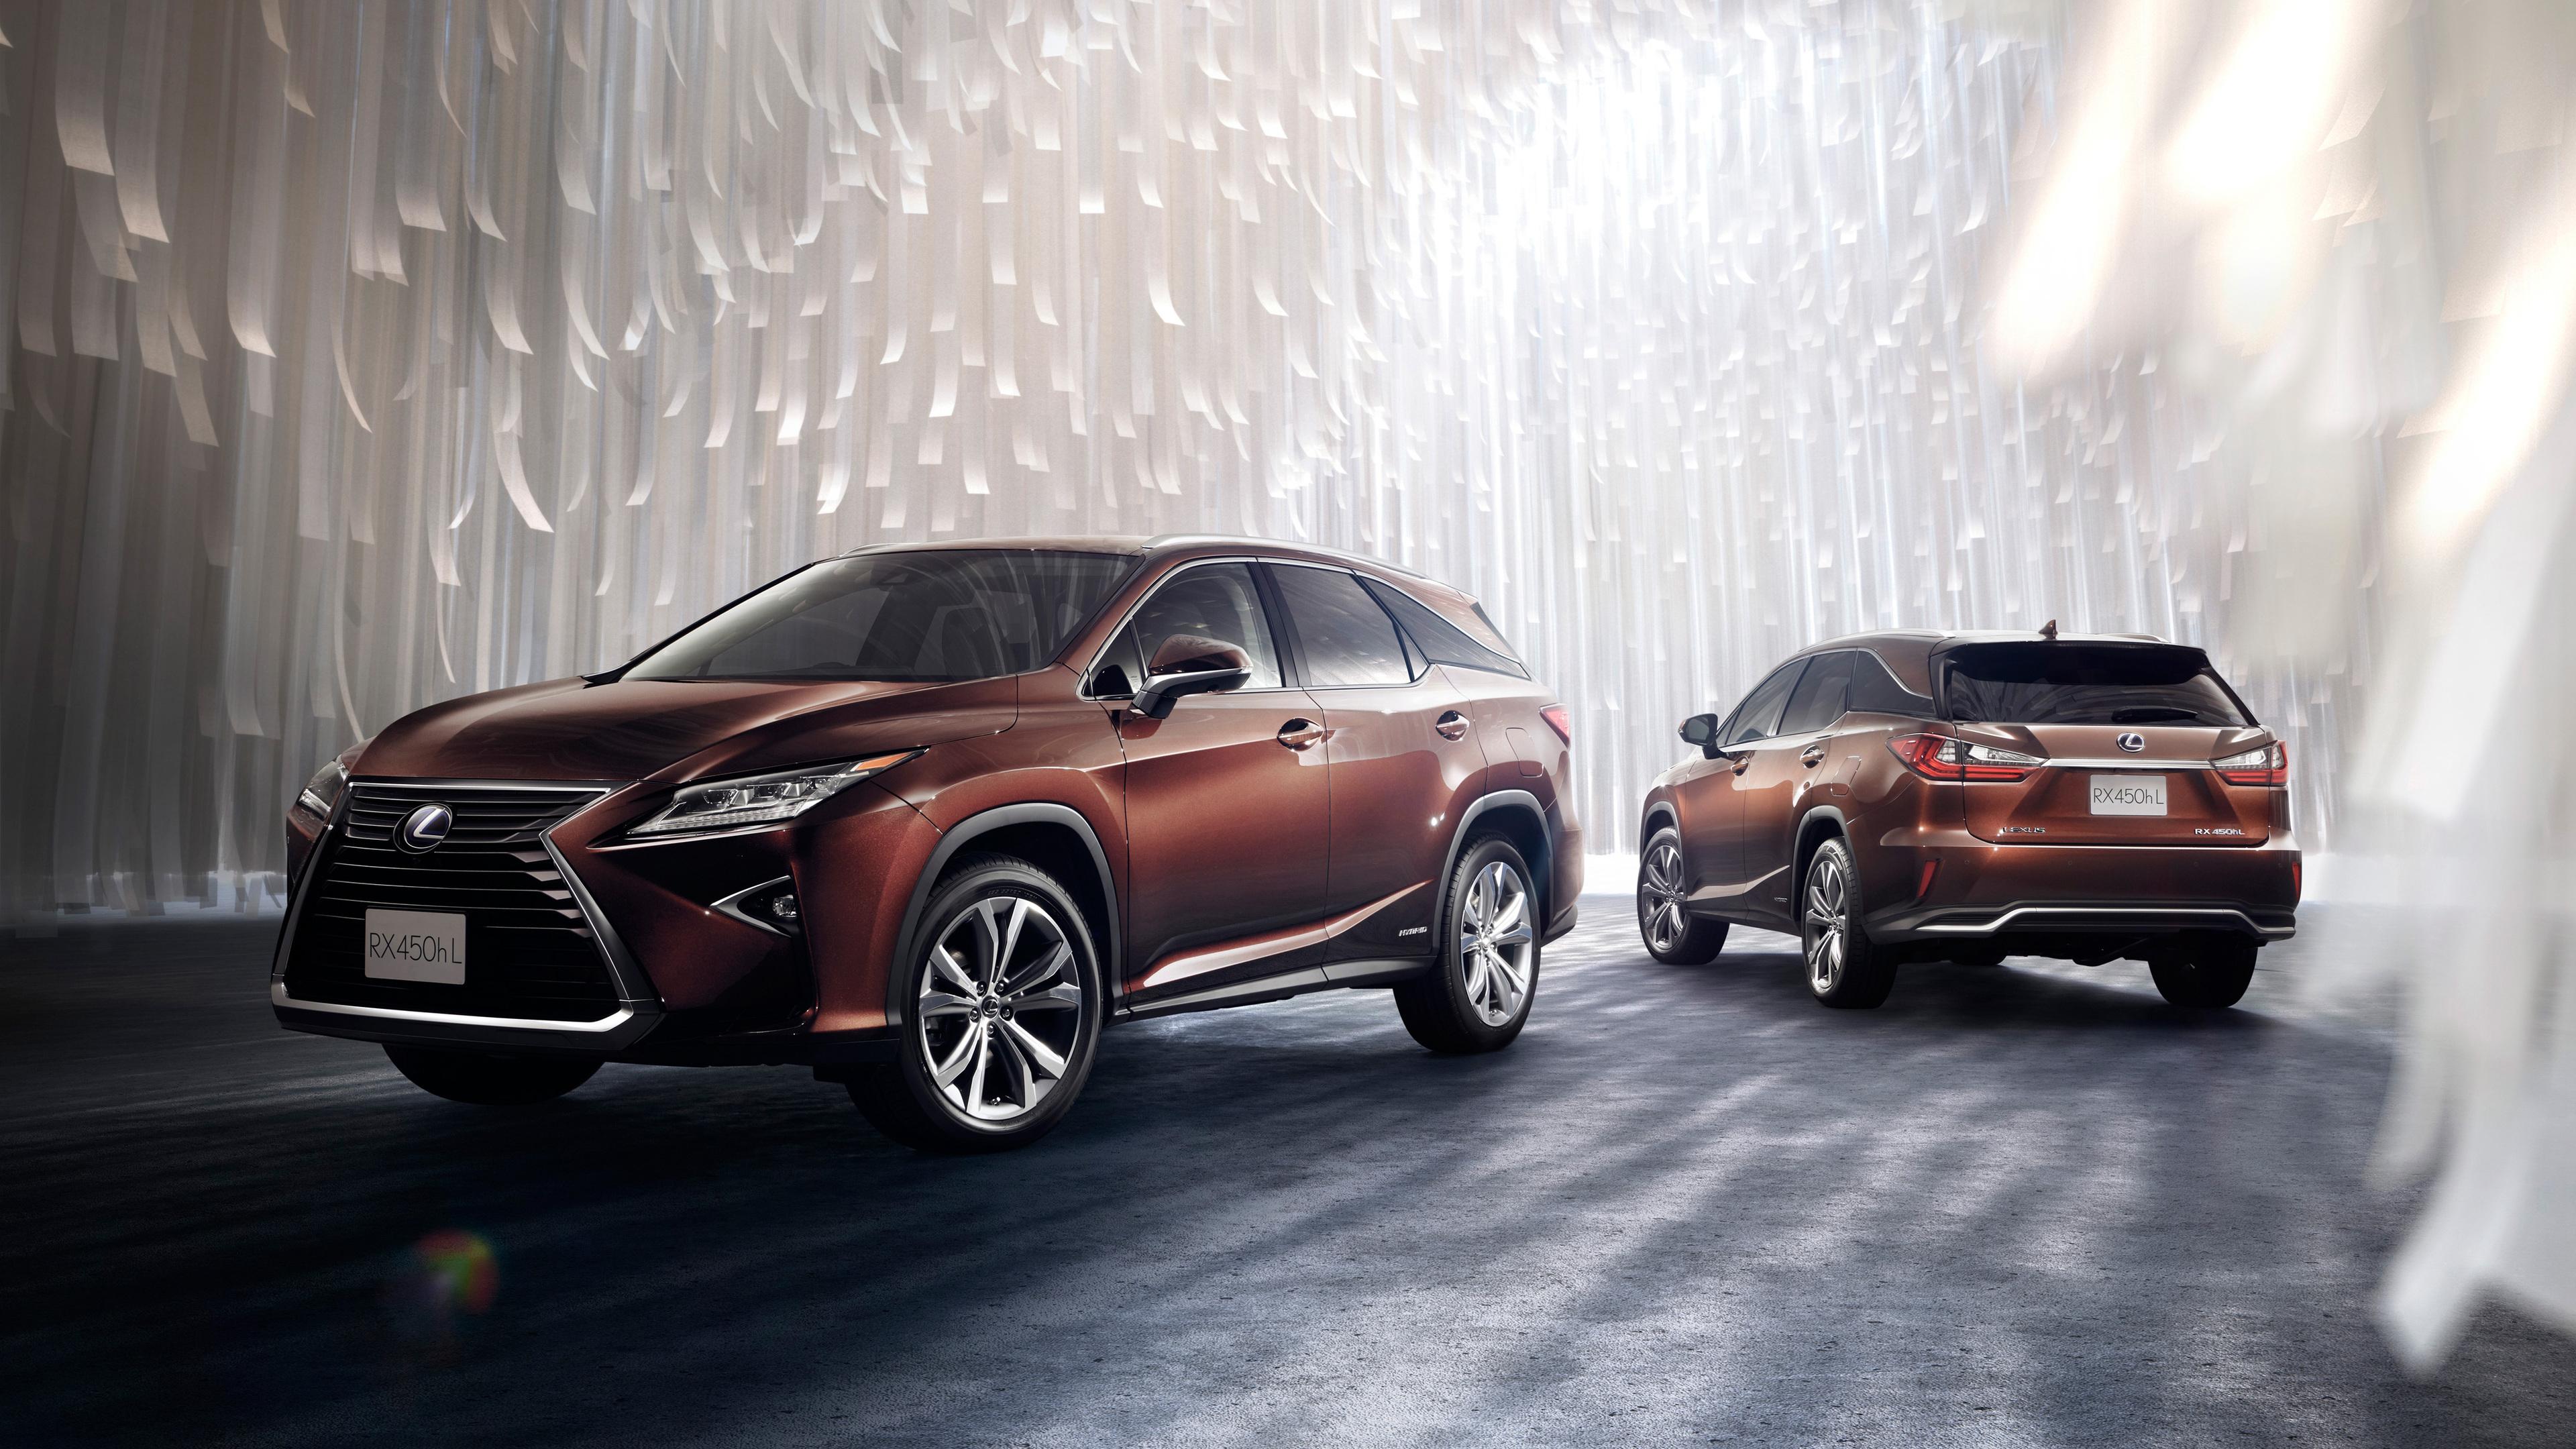 2018 lexus rx 450hl 4k 1539108579 - 2018 Lexus Rx 450hl 4k - lexus wallpapers, lexus rx 450hl wallpapers, hd-wallpapers, cars wallpapers, 4k-wallpapers, 2018 cars wallpapers